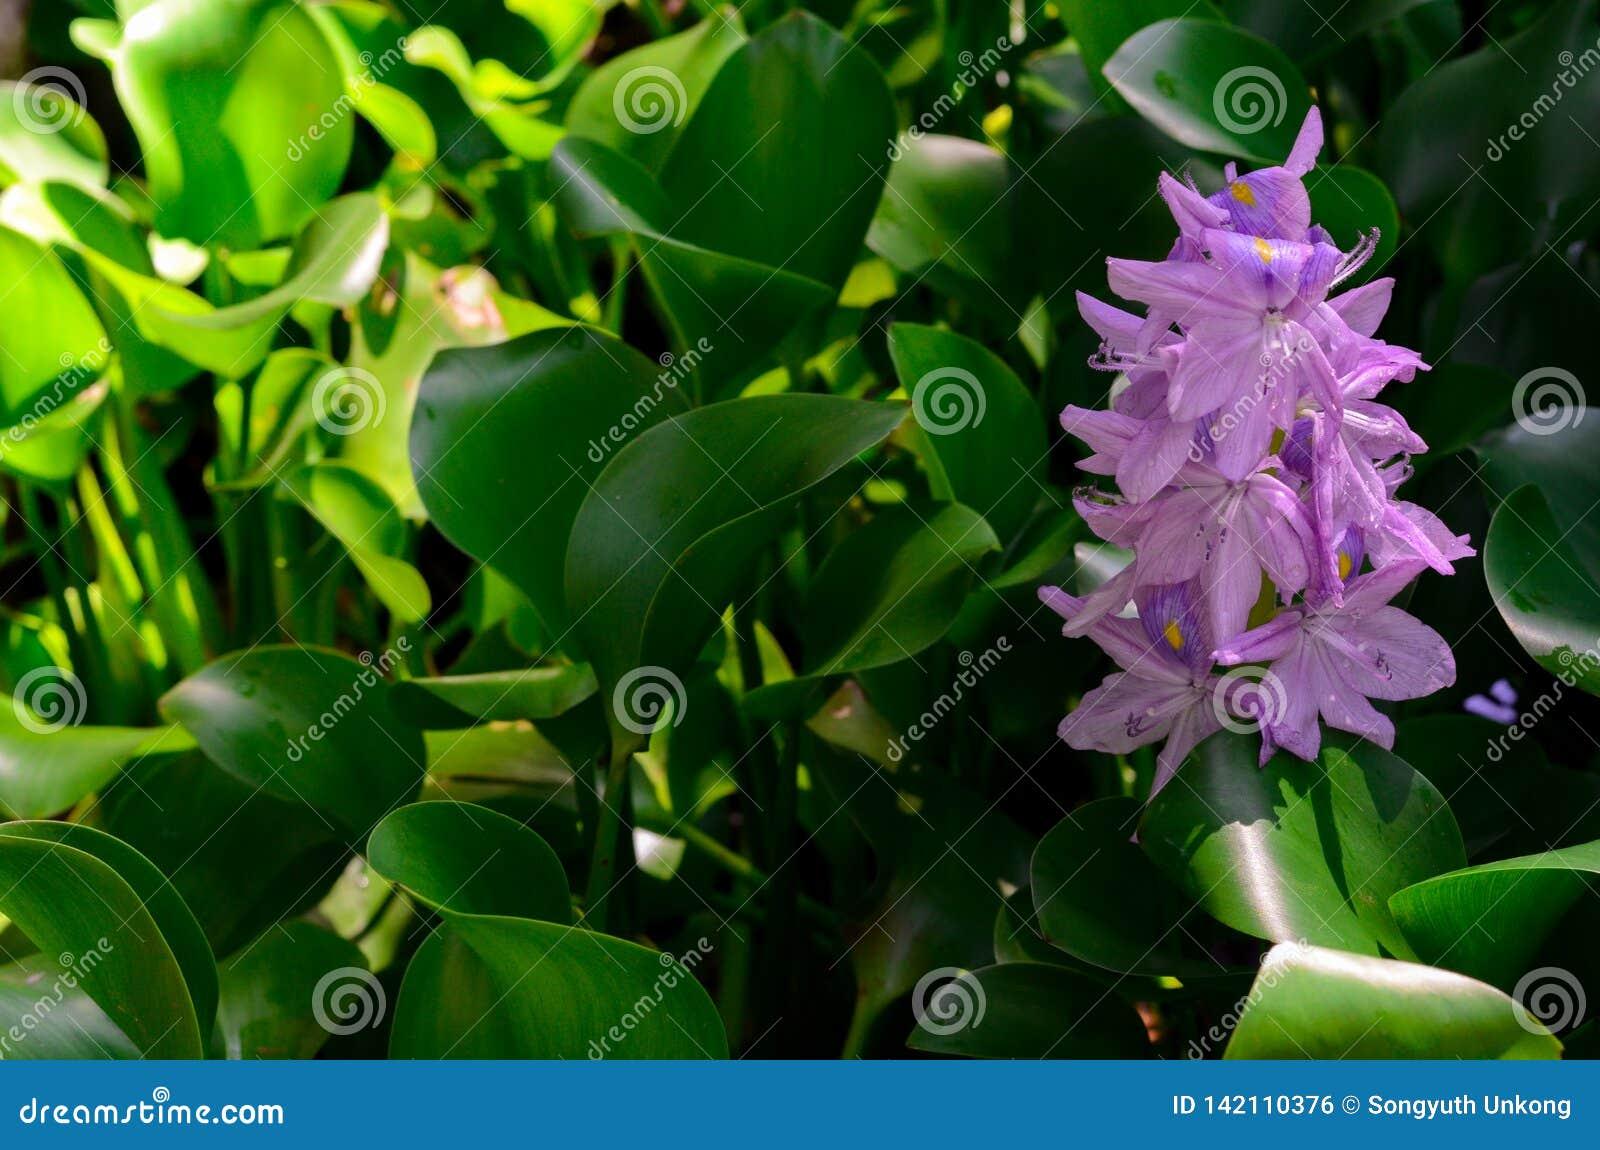 Flower of Water Hyacinth tree